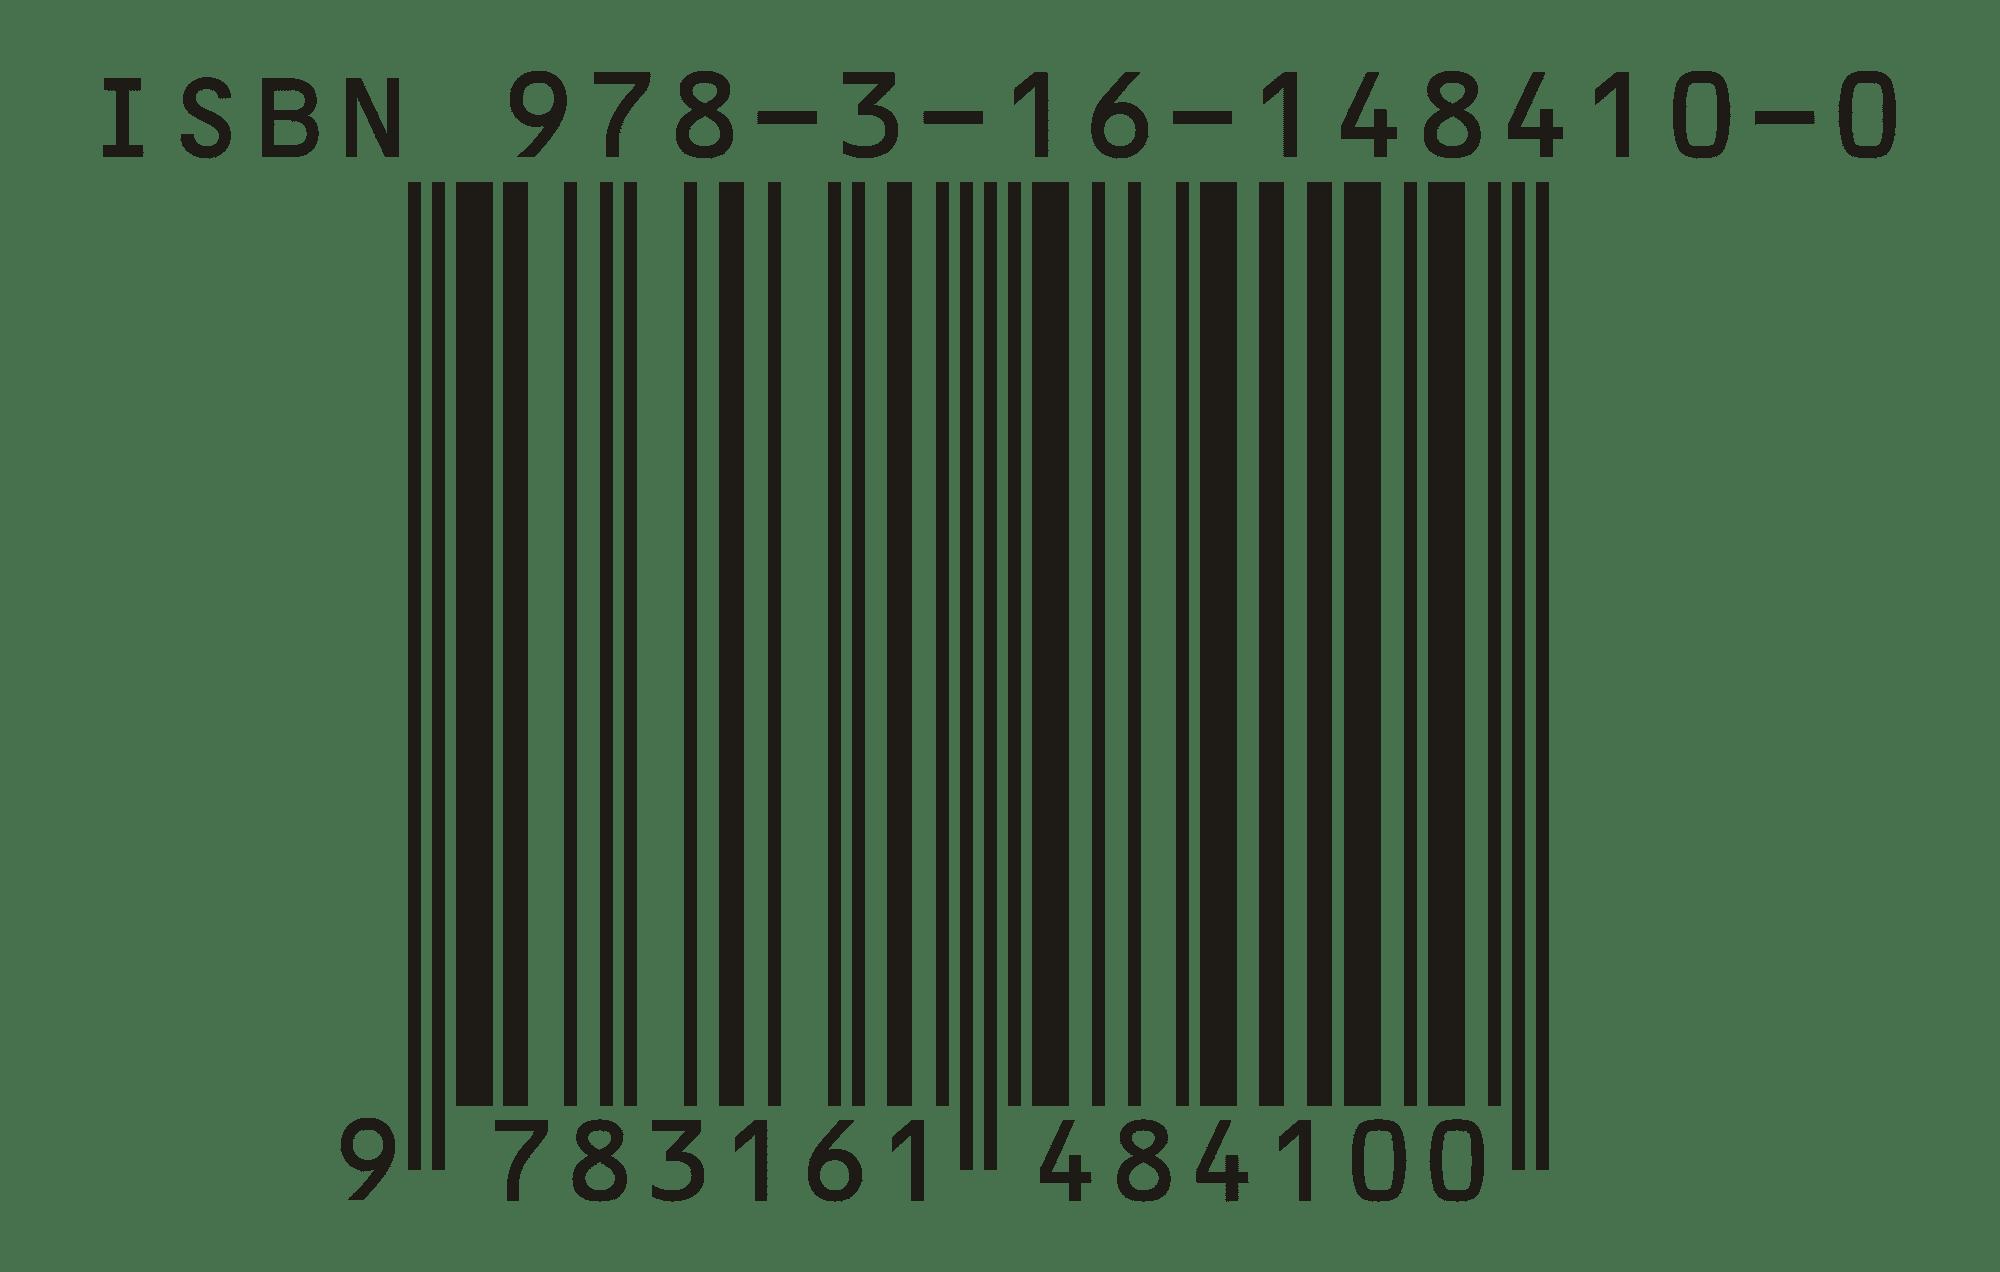 código de barras ISBN